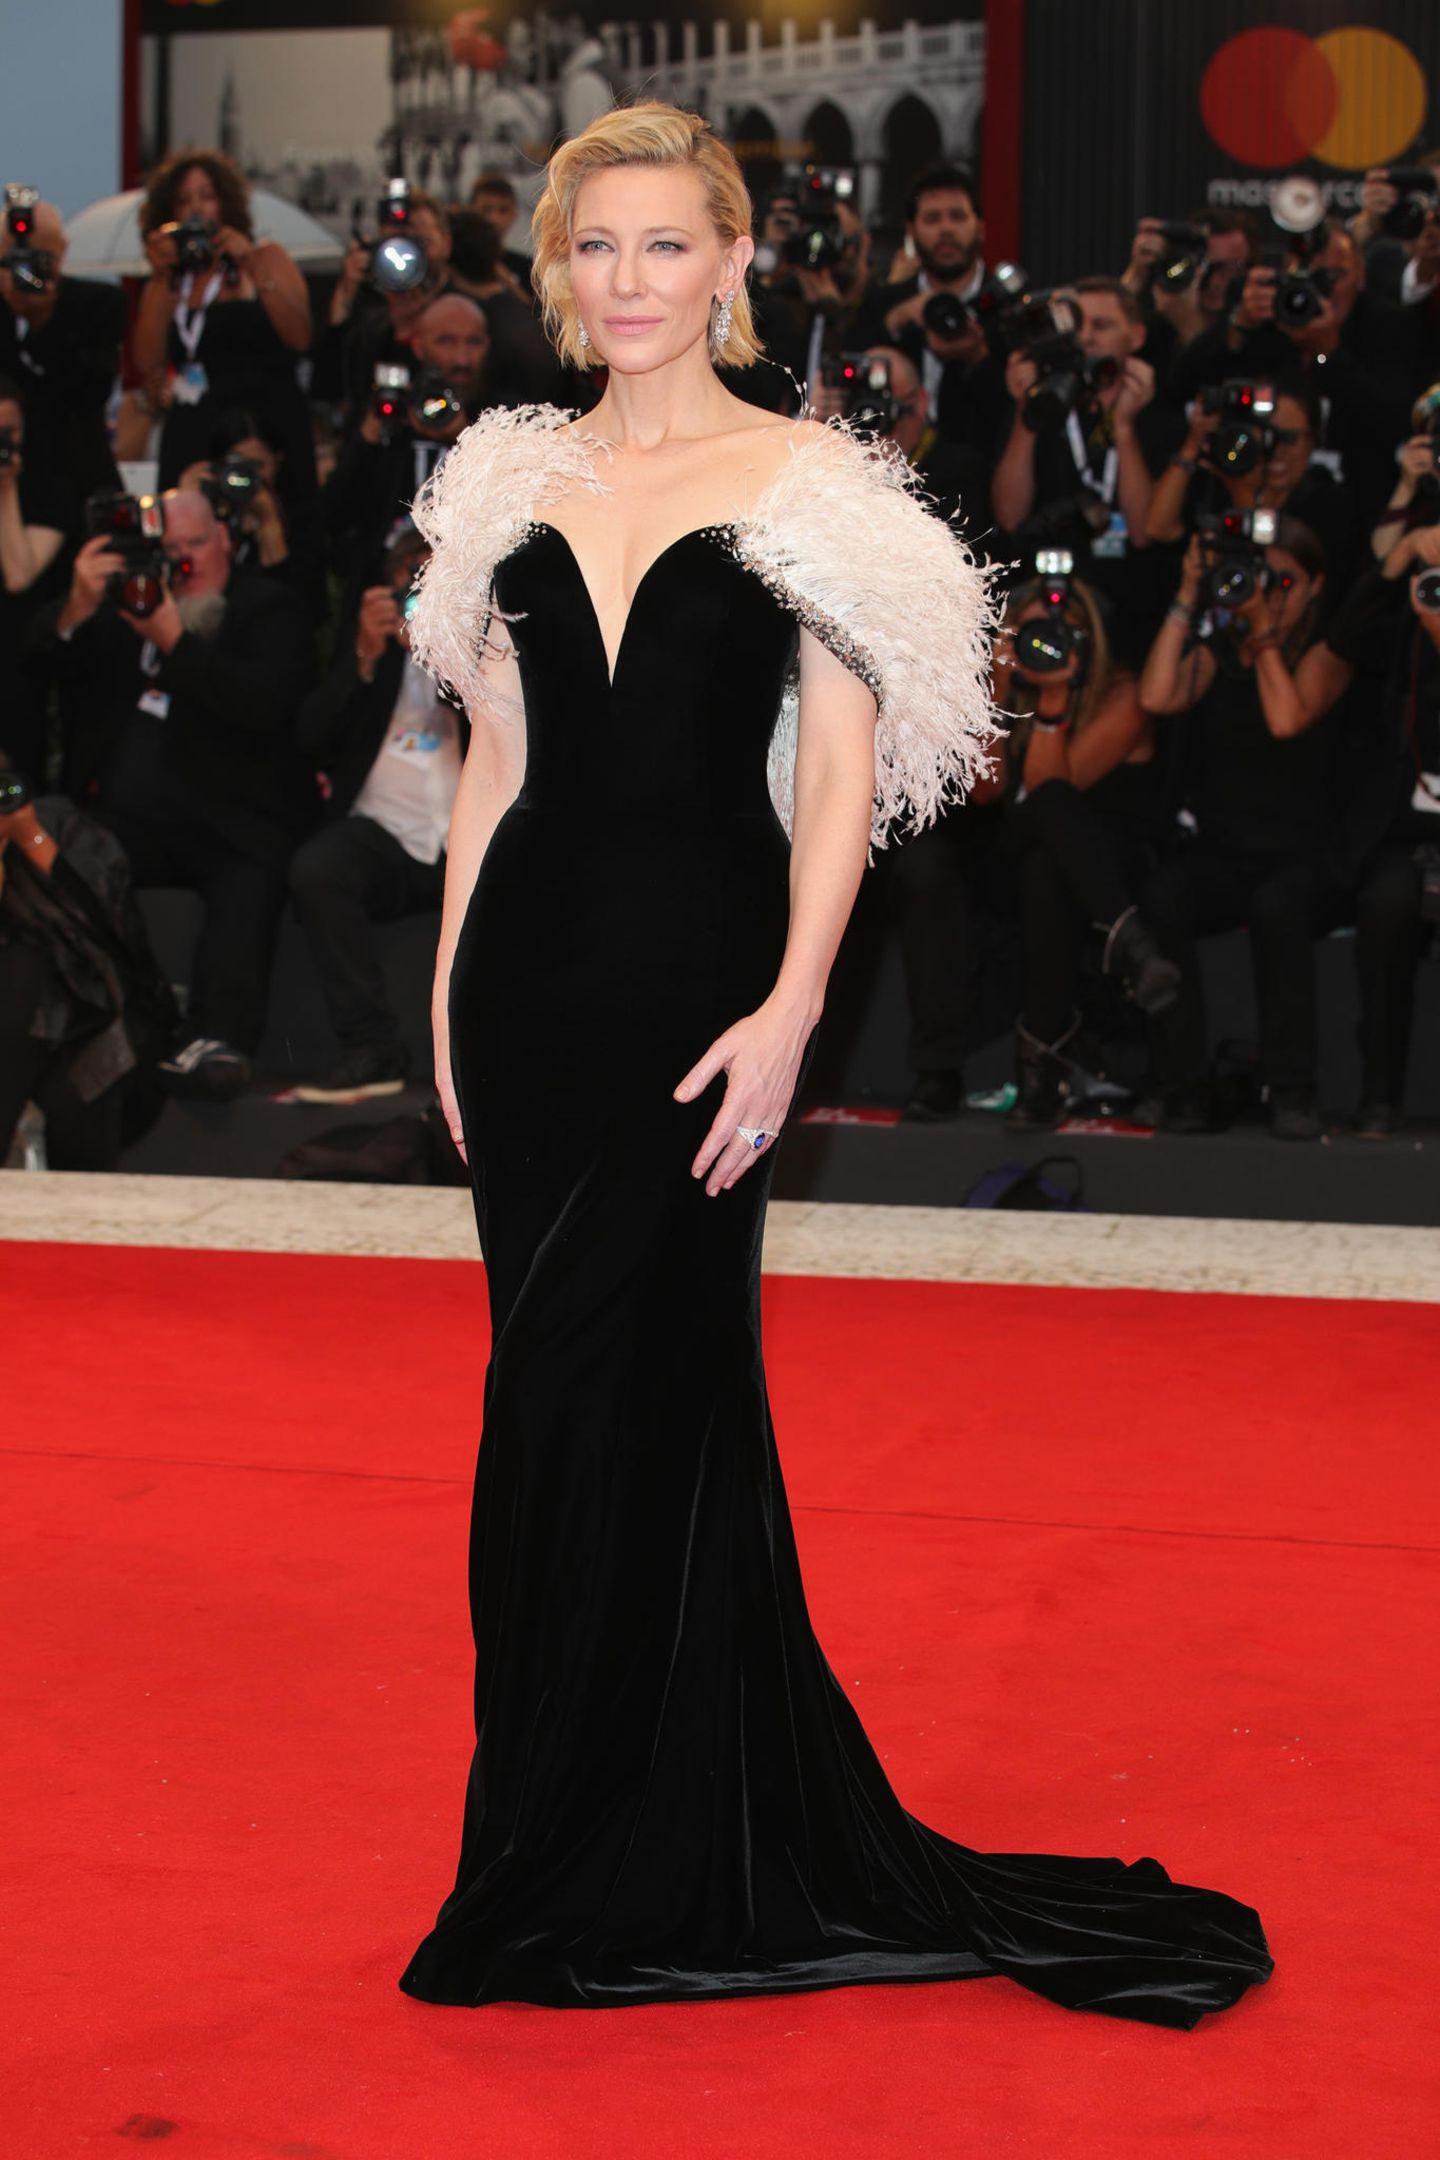 Cate Blanchett trägt eine schwarze, bodenlange Robe mit tiefem Ausschnitt. Über die Schultern fällt ihr eine Federstola in einem hellen Rosaton.